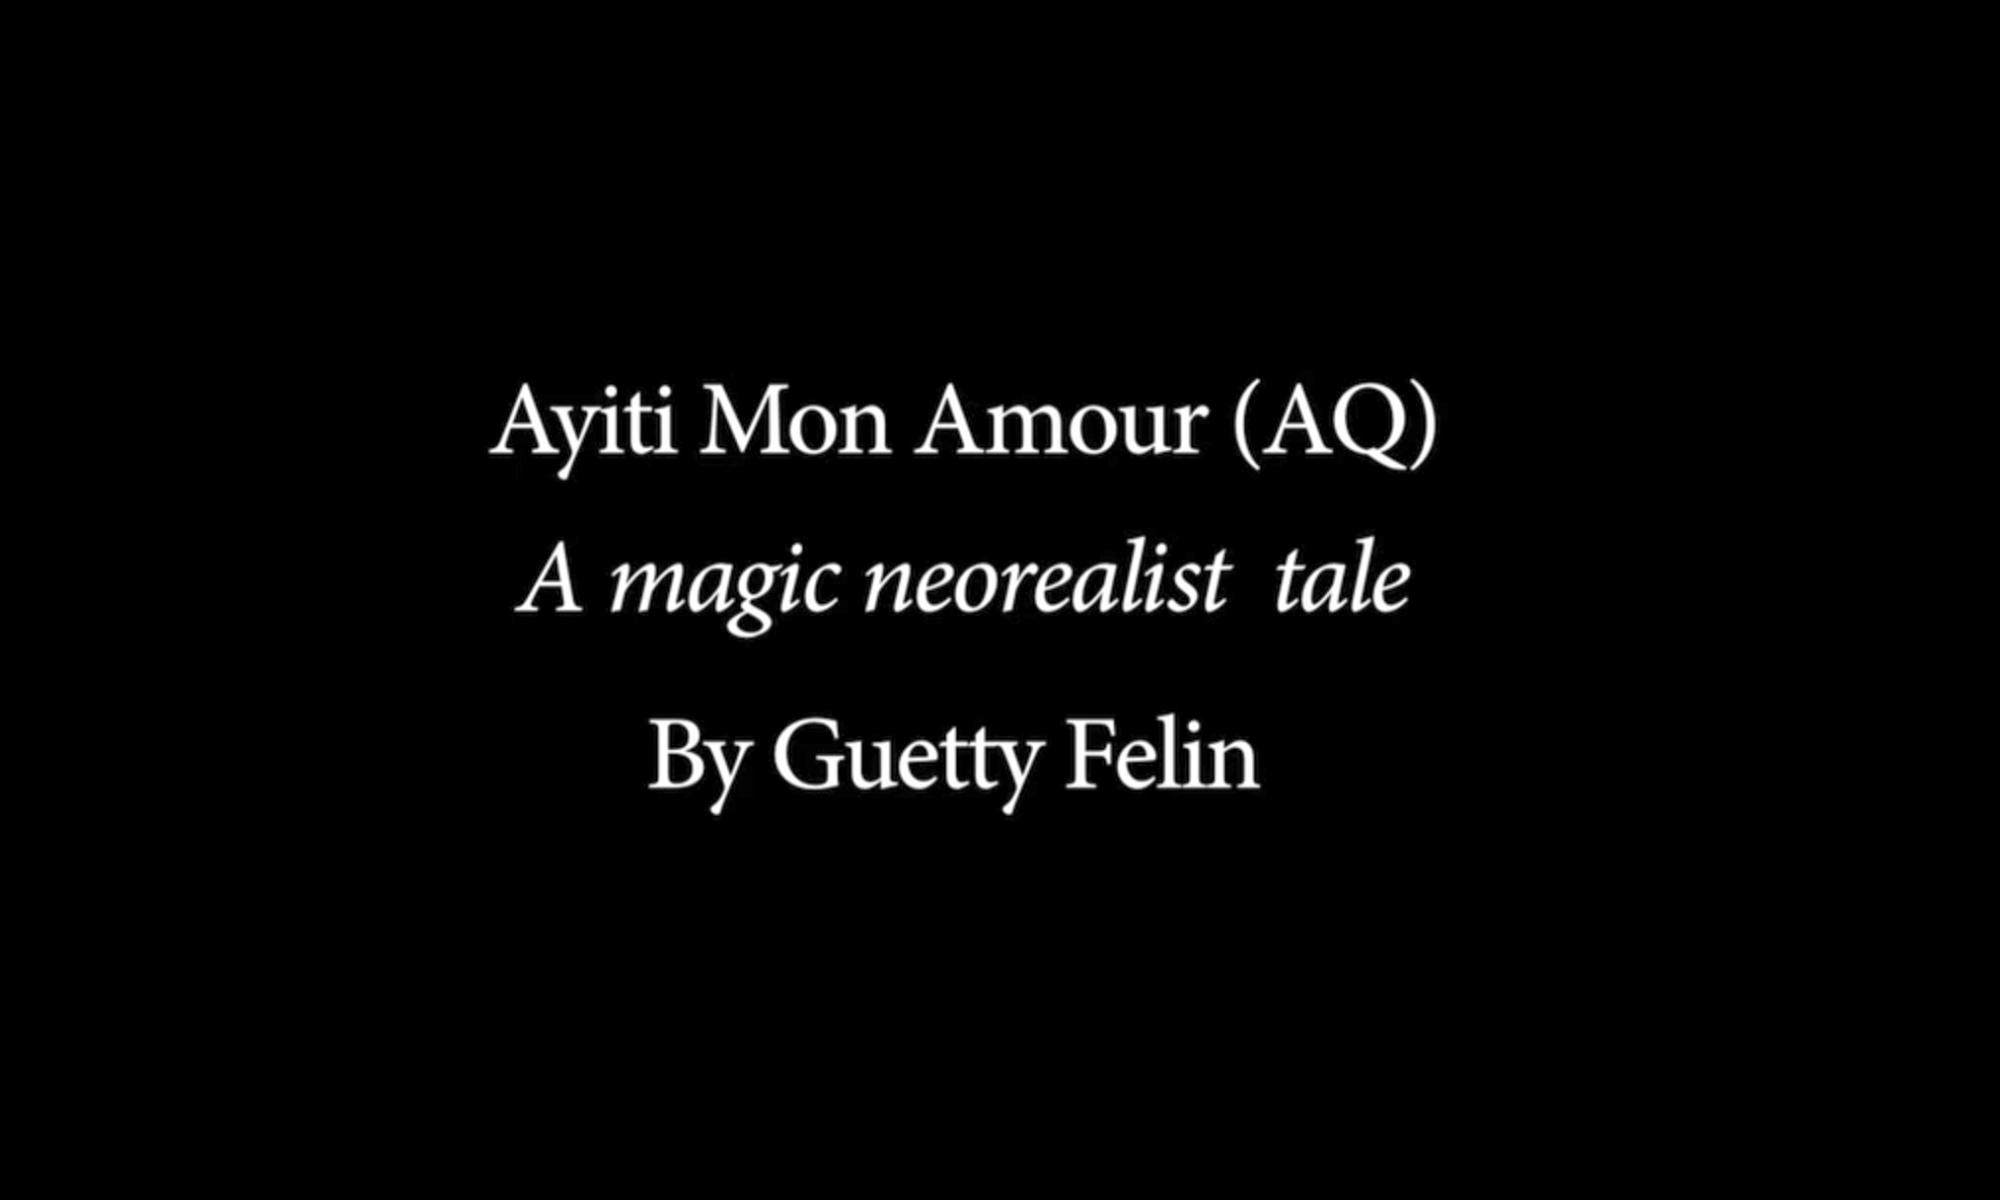 Ayiti Mon Amour , title